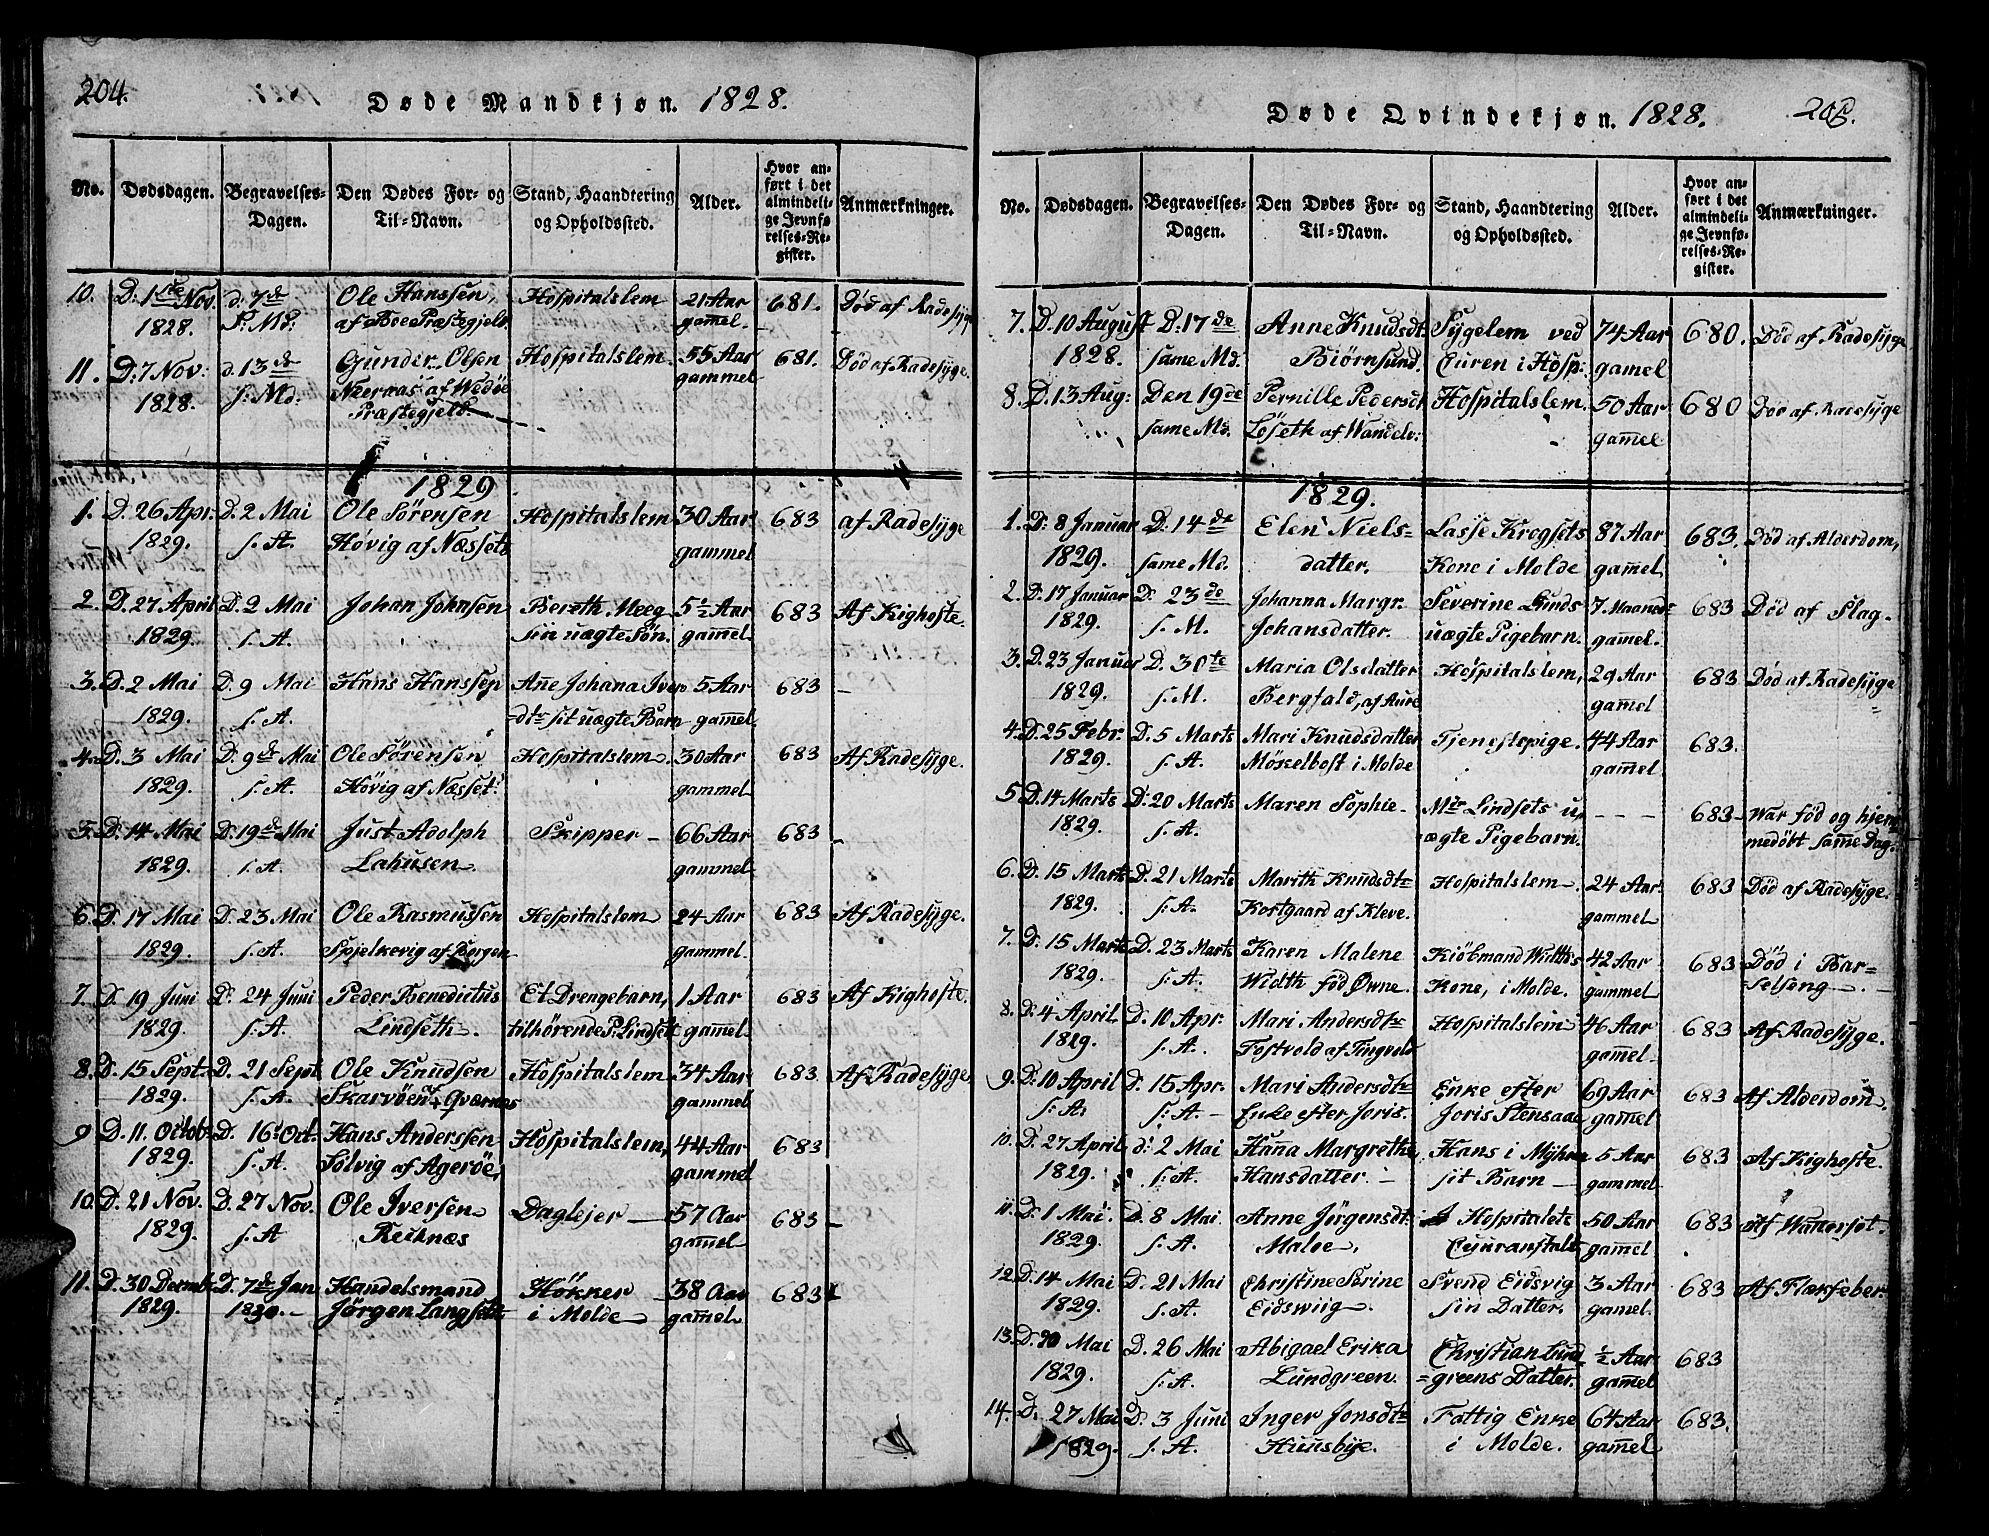 SAT, Ministerialprotokoller, klokkerbøker og fødselsregistre - Møre og Romsdal, 558/L0700: Klokkerbok nr. 558C01, 1818-1868, s. 204-205